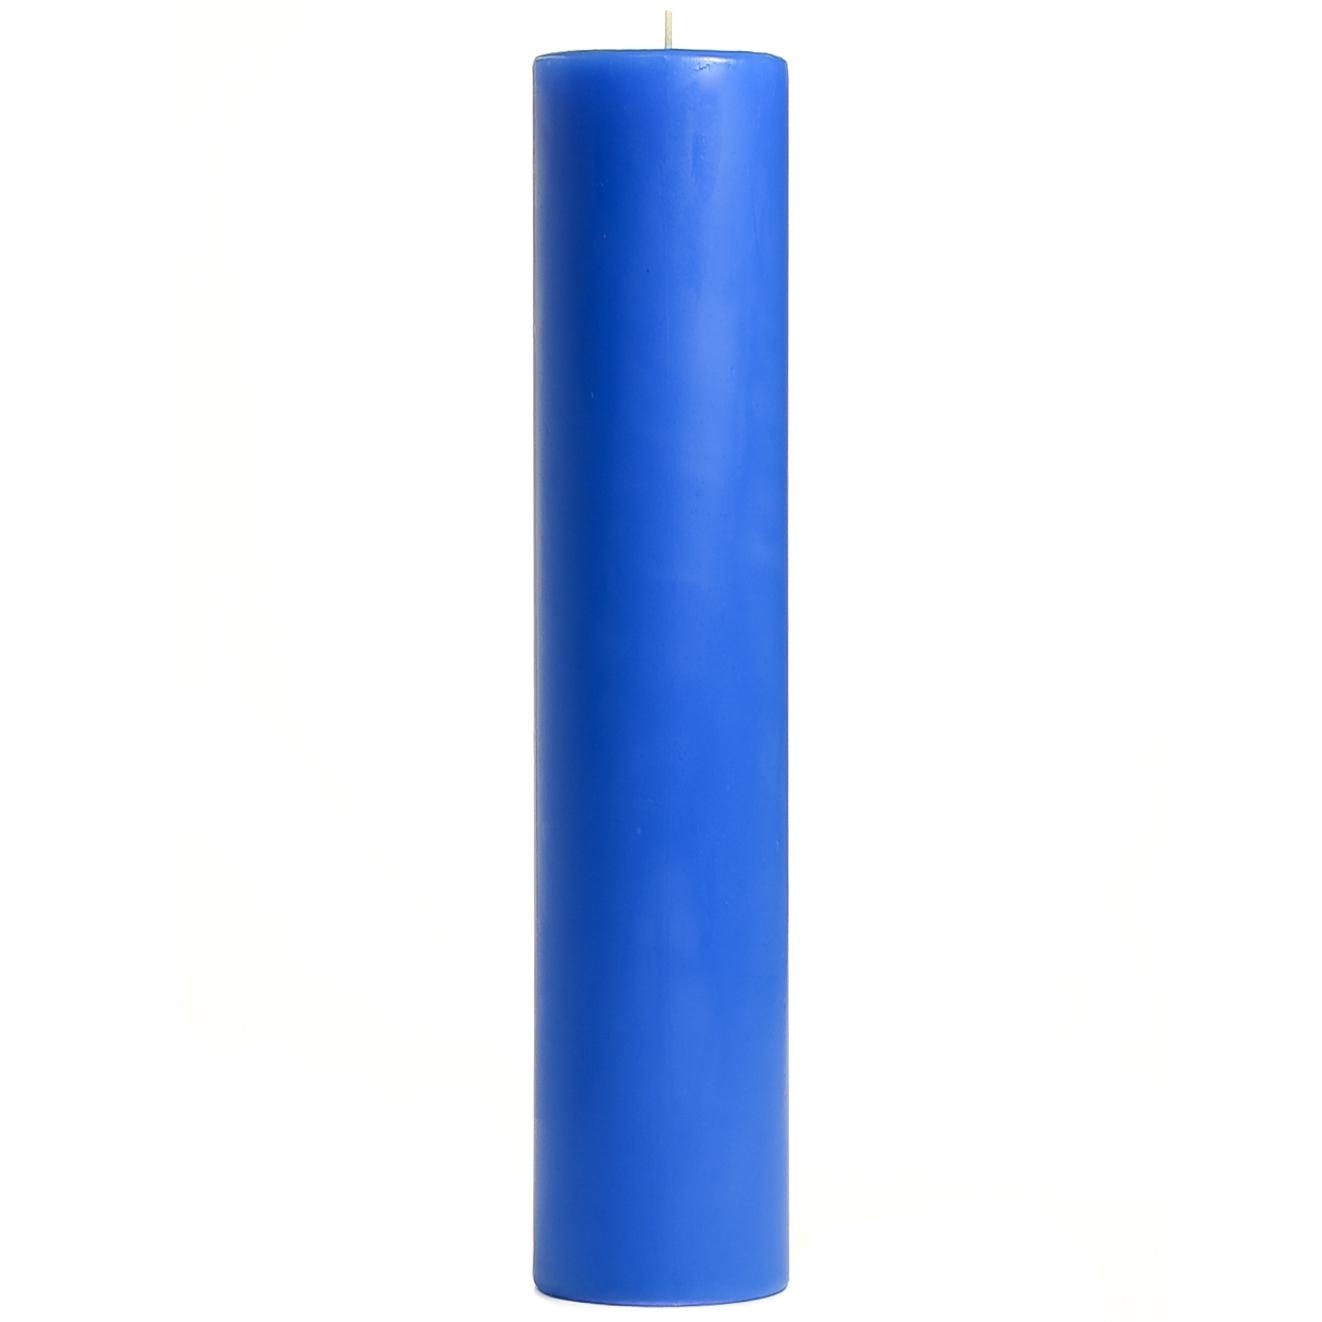 2 x 9 Blueberry Cobbler Pillar Candles